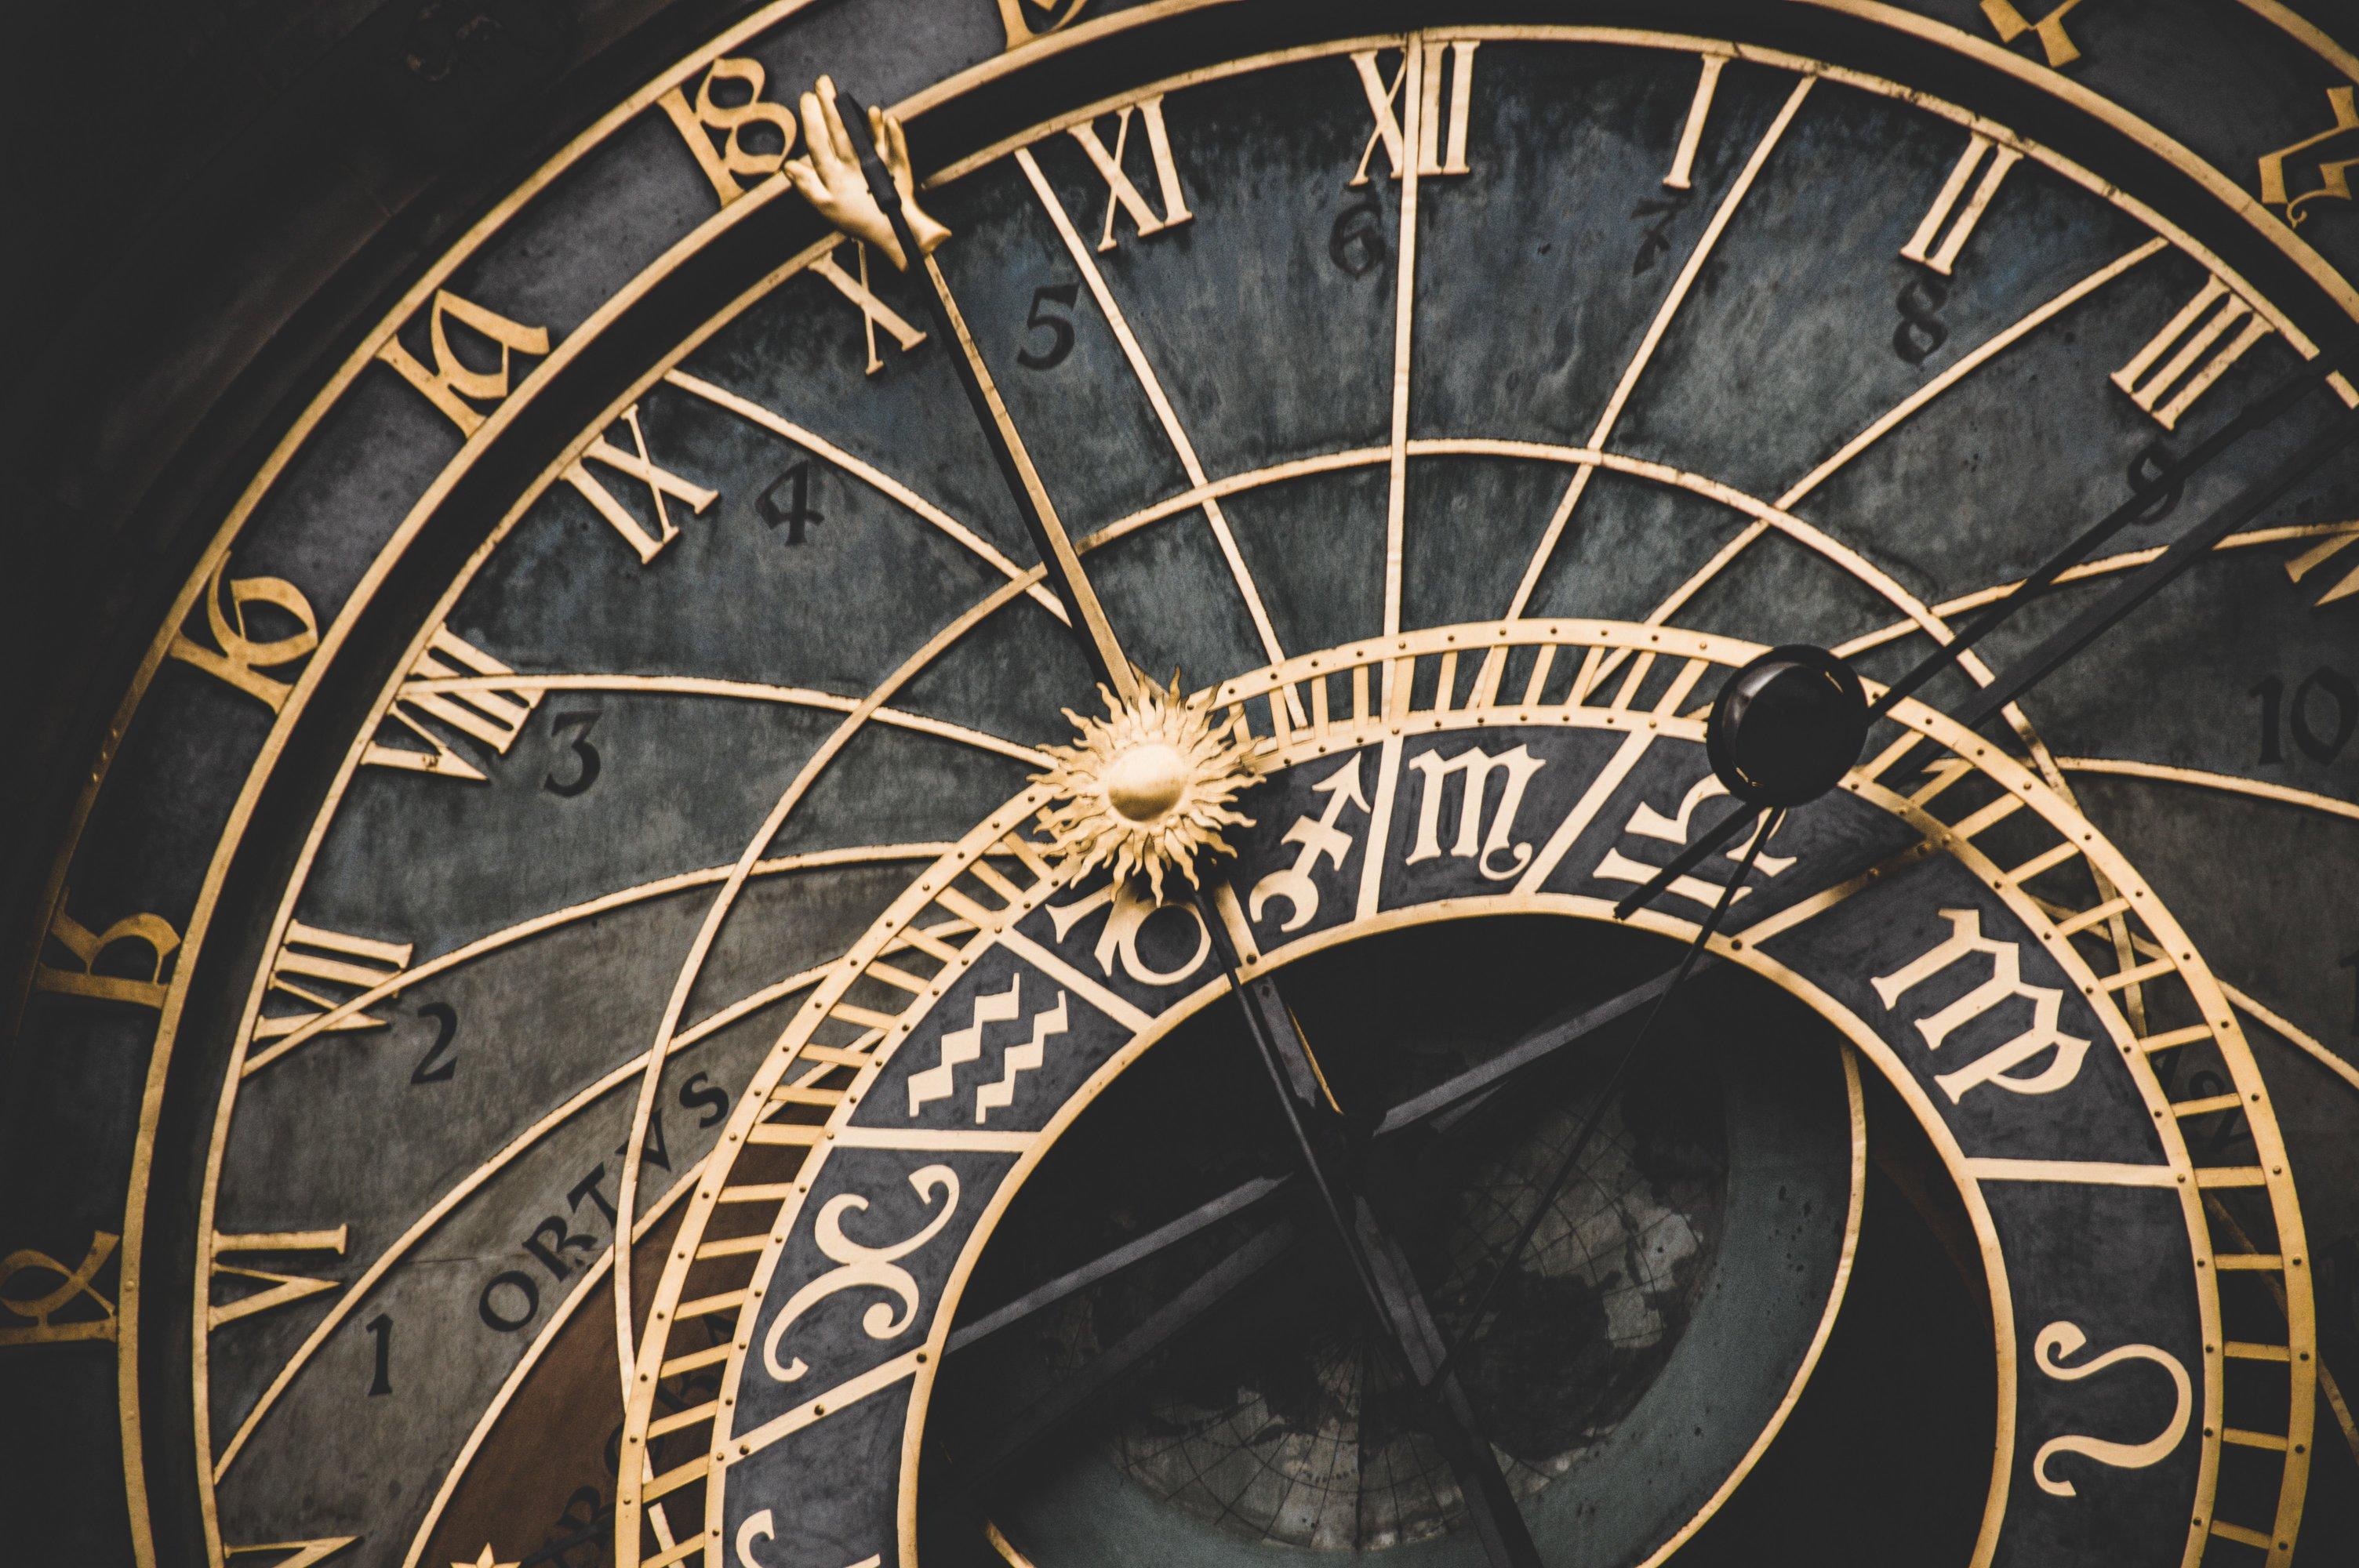 câu nói hay đồng hồ thời gian